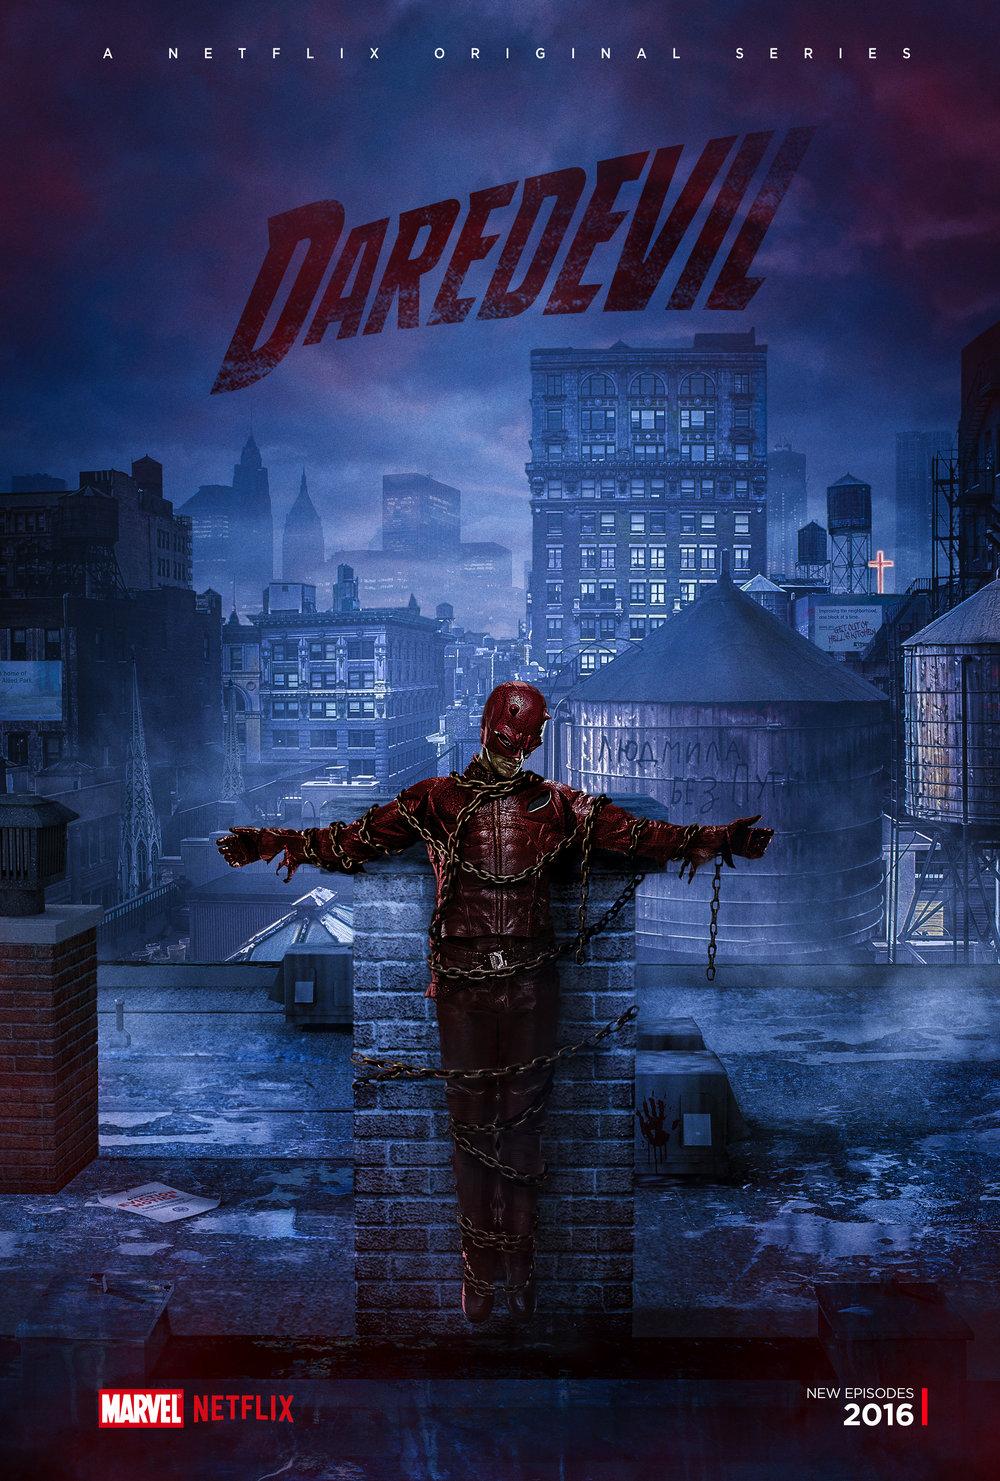 Daredevil Payoff - Netflix